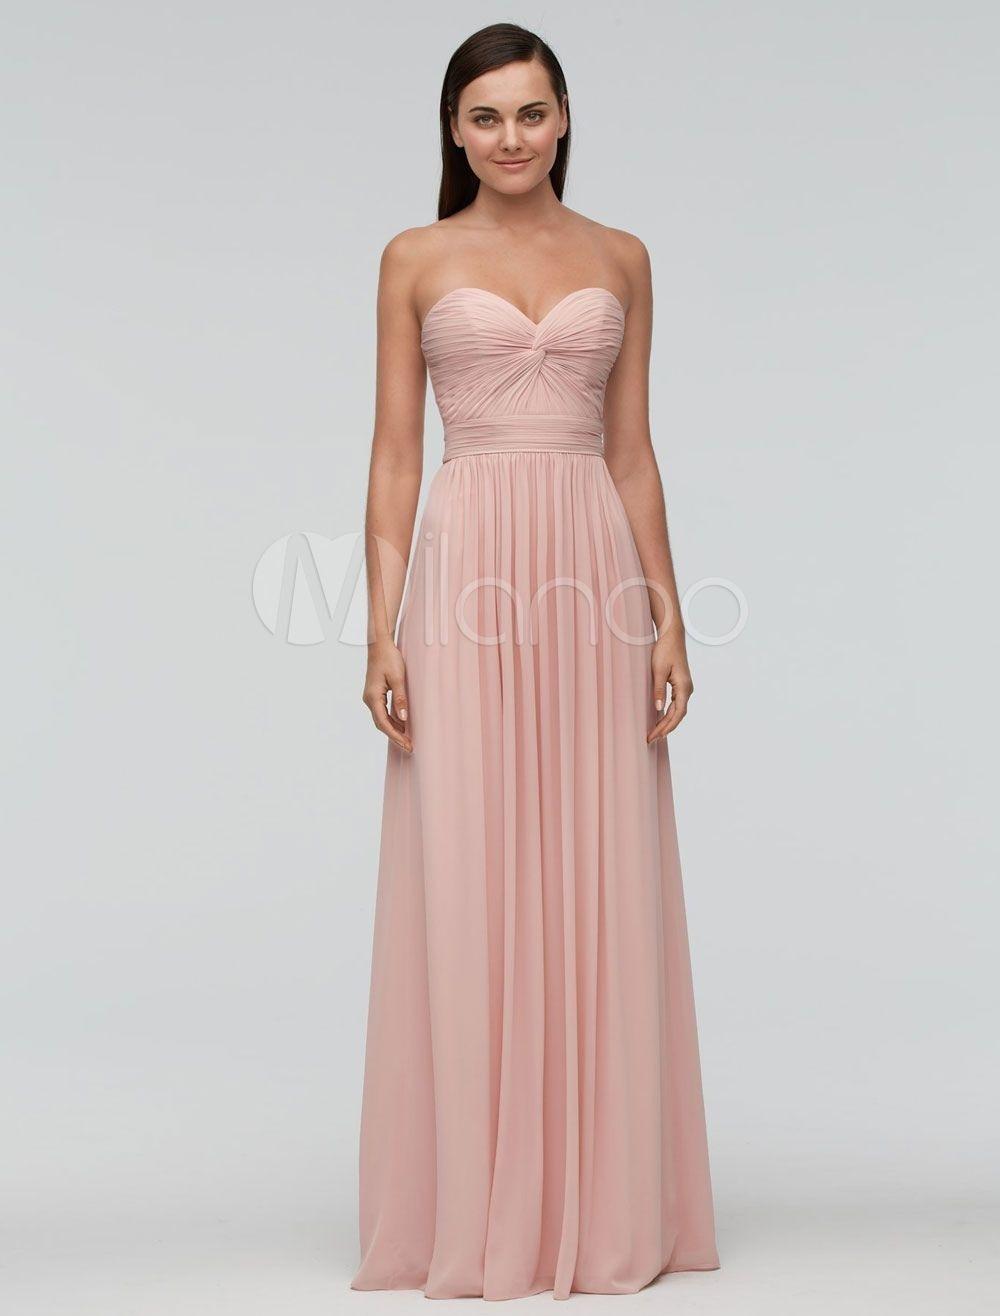 20 Cool Kleid Für Hochzeitsfeier StylishDesigner Kreativ Kleid Für Hochzeitsfeier Bester Preis